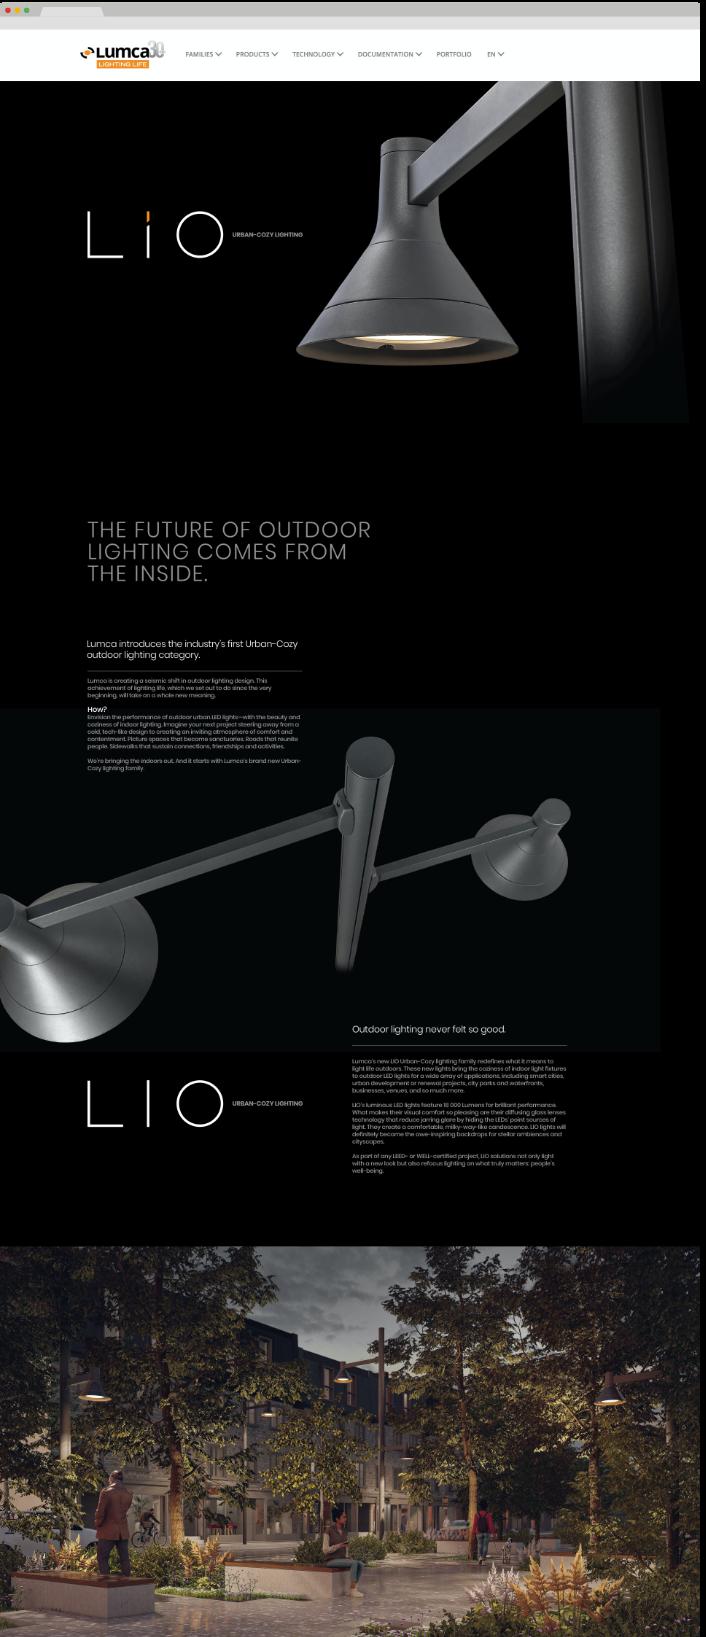 Apperçus site web Lumca page Lio